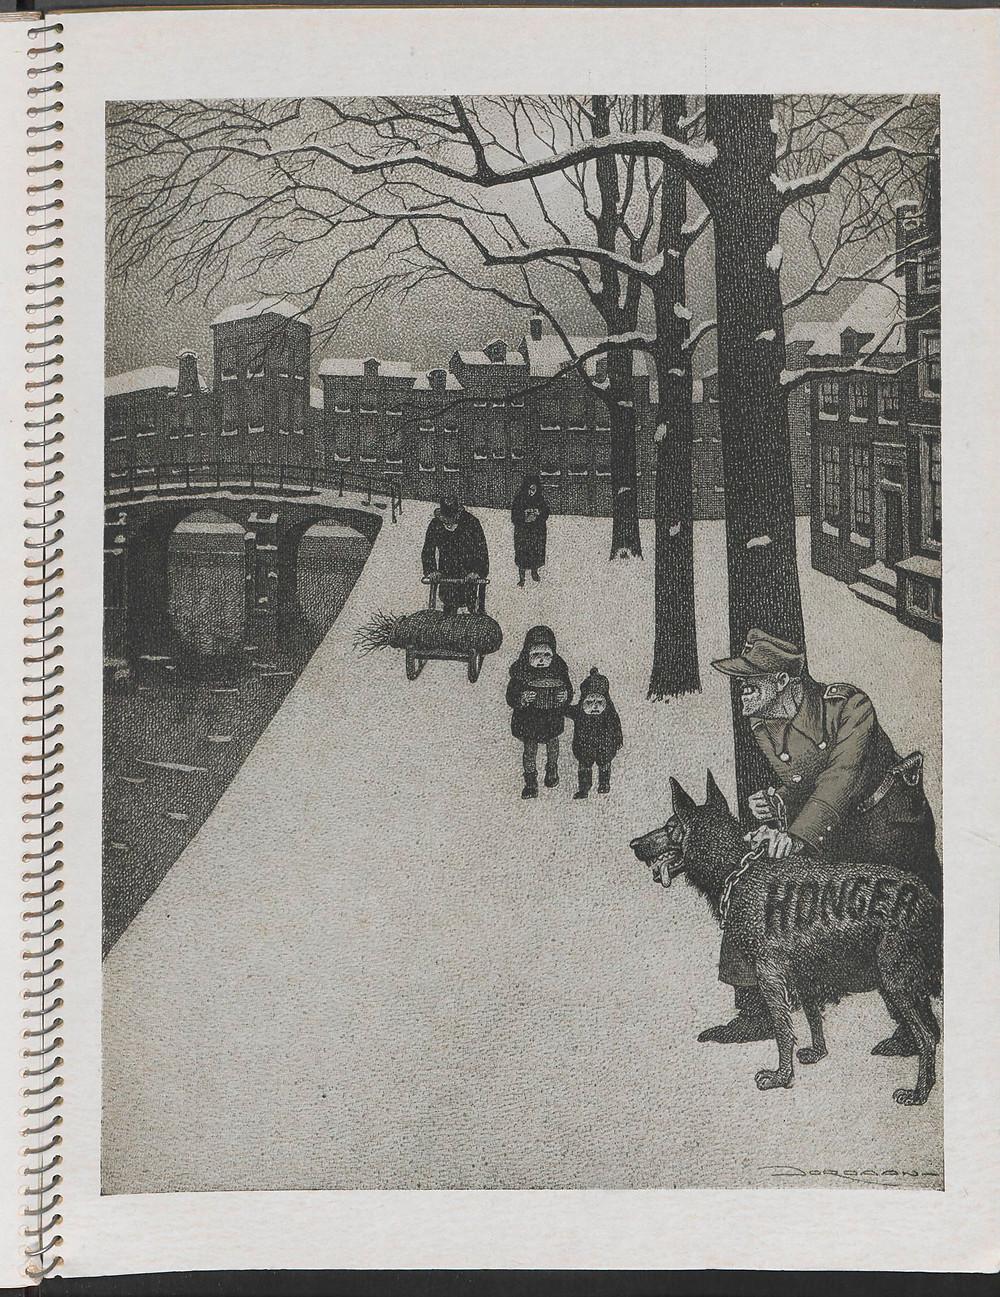 De Groene Amsterdammer, designed by Jan van Keulen